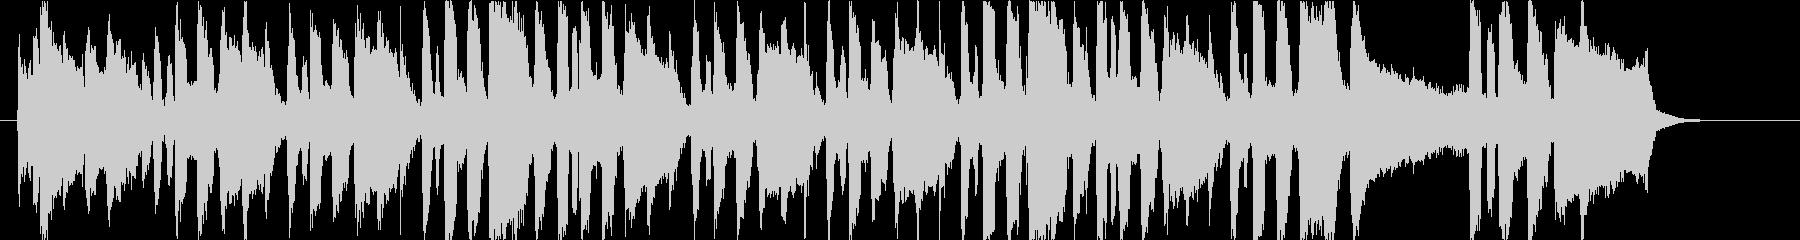 誕生日の歌(ワルツver) 【レン】の未再生の波形